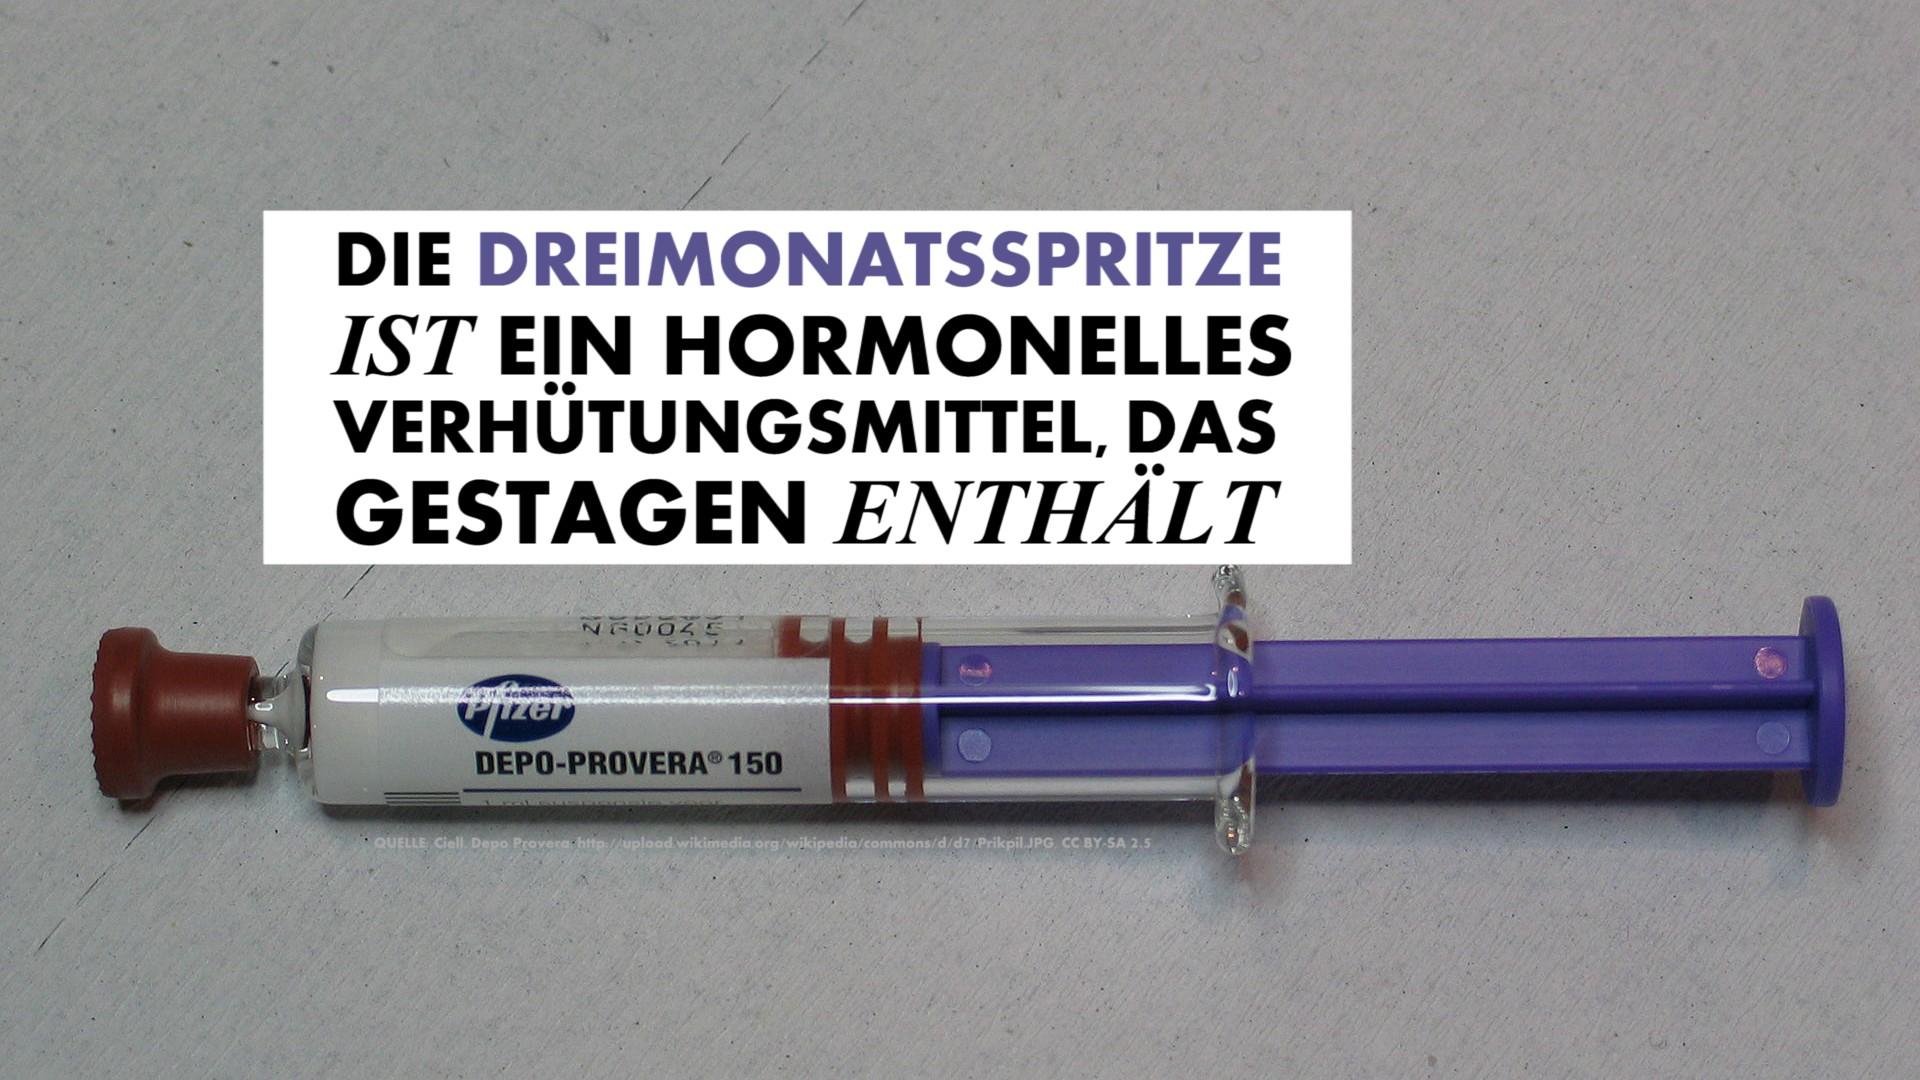 Verhütungscheck- Die Dreimonatsspritze_EL.mp4: image 0